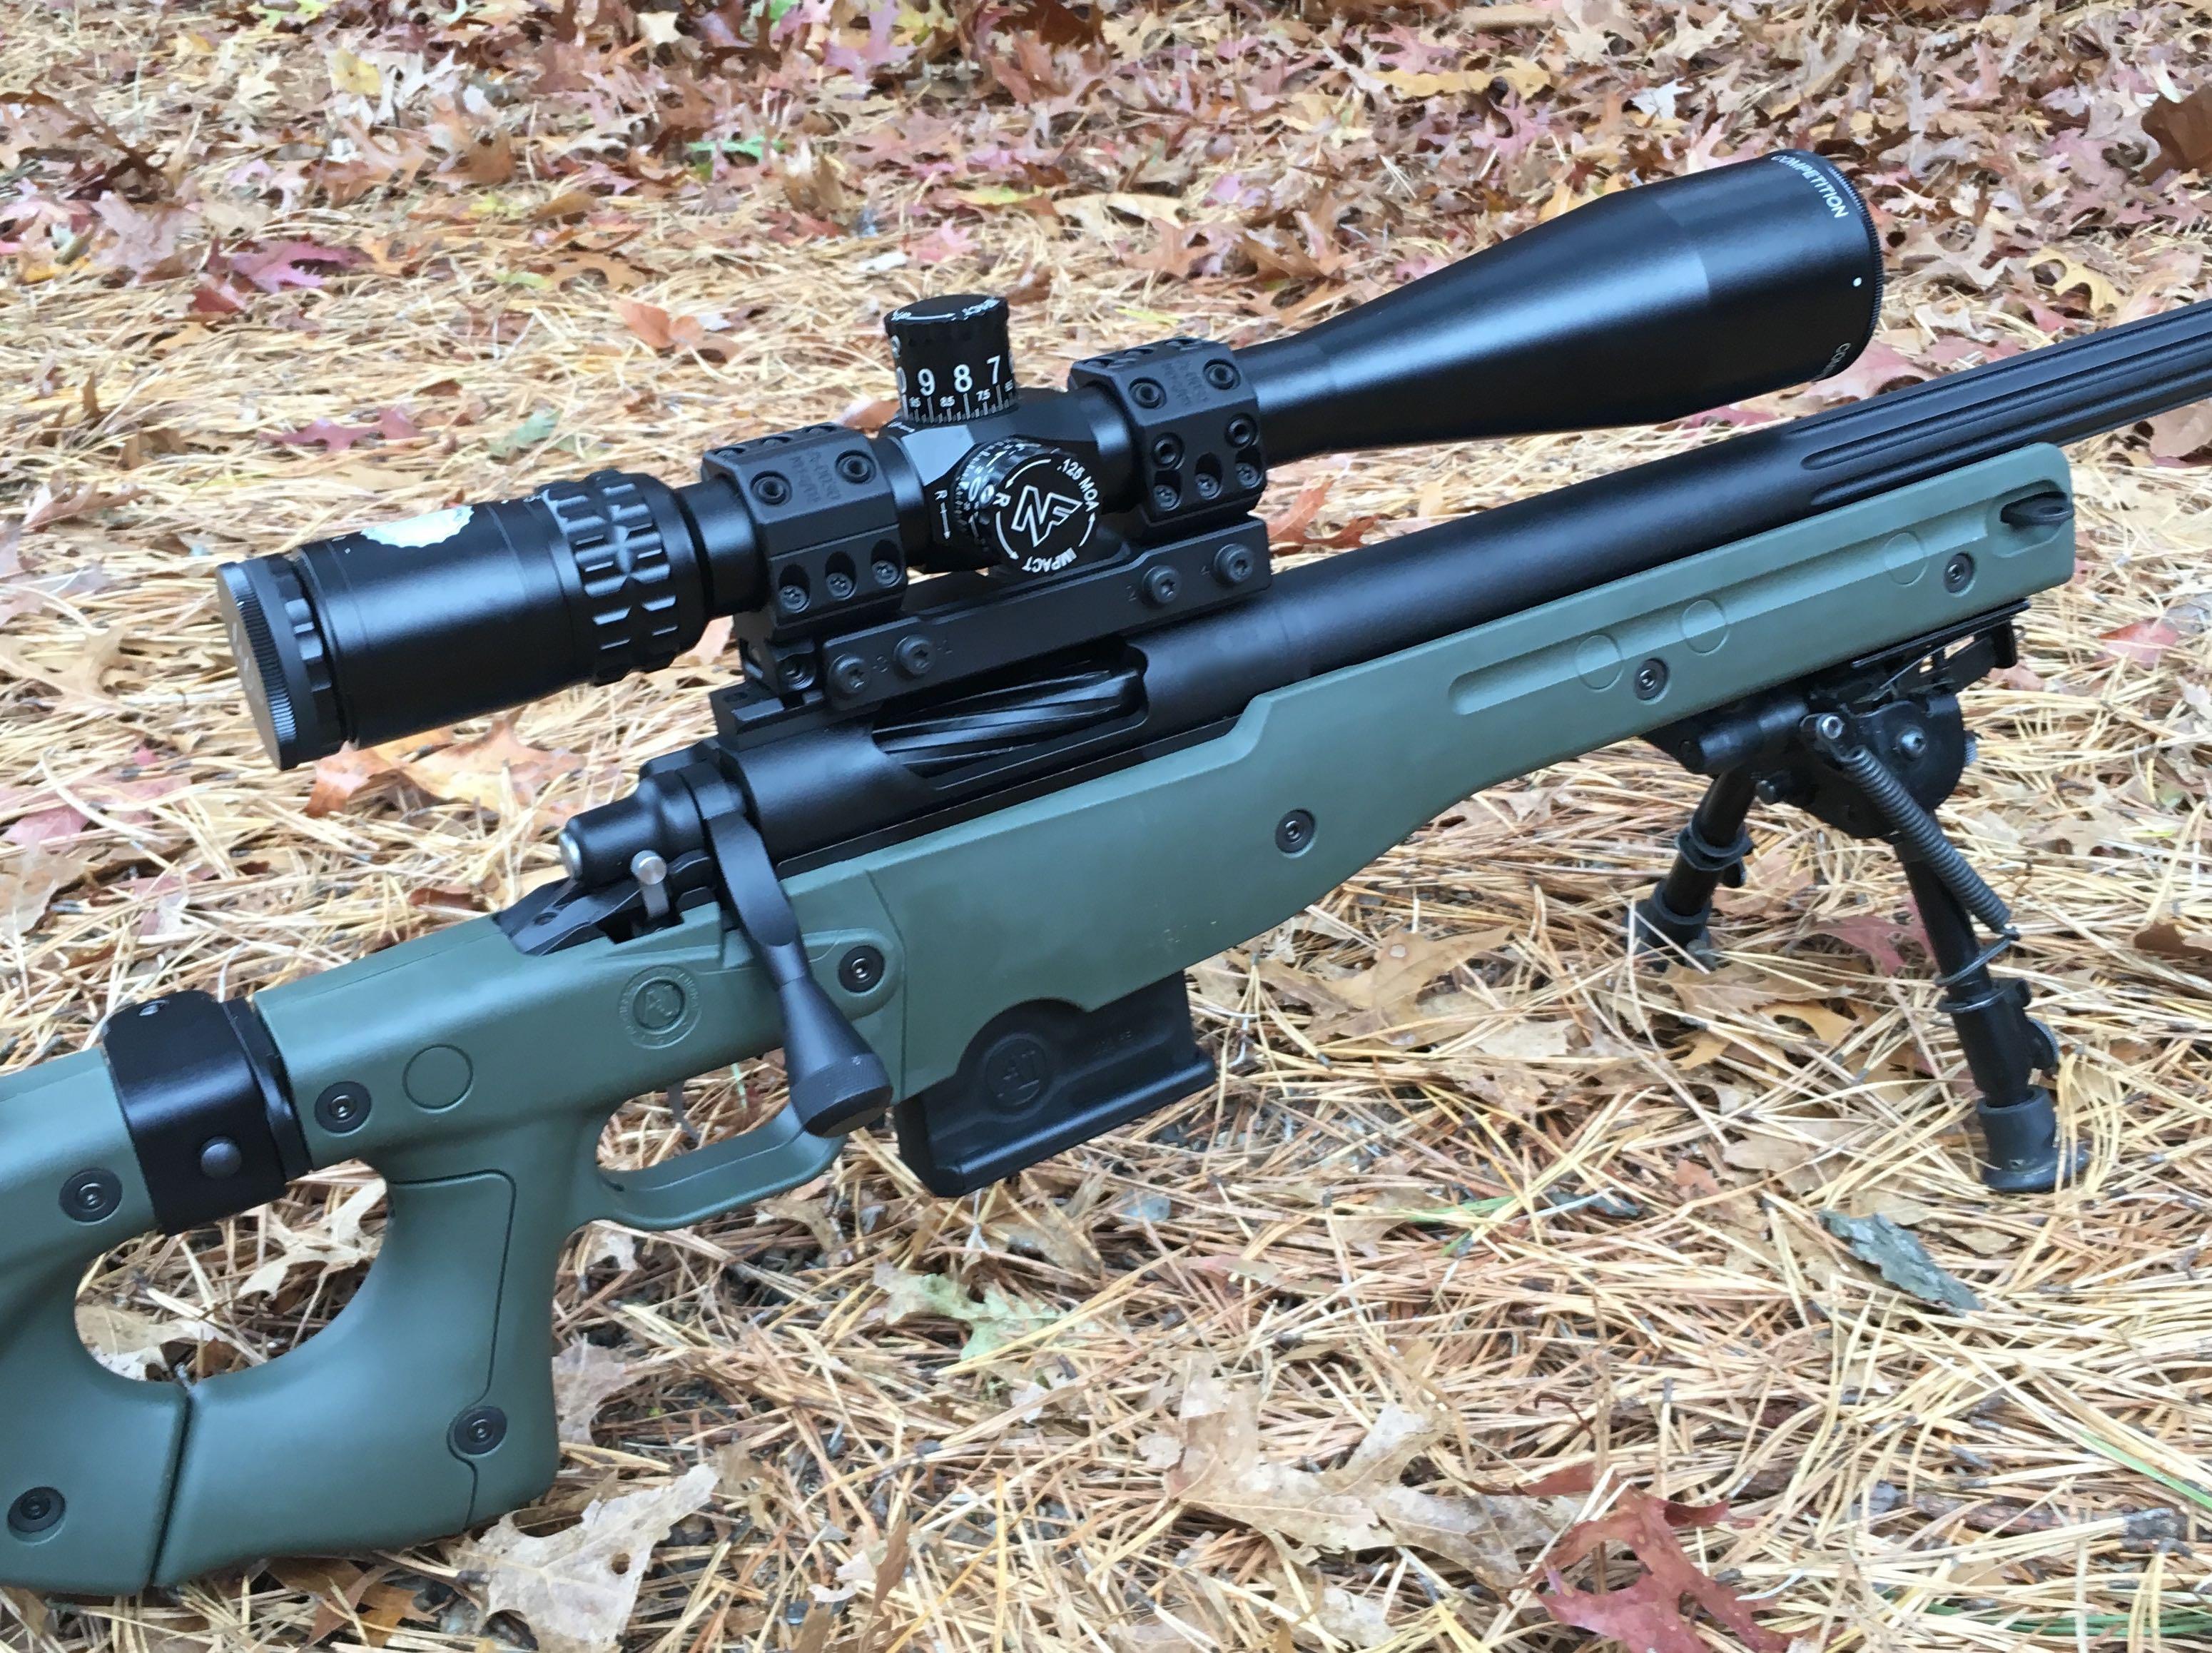 223ai-rifle-bartlein-stiller-nightforce-comp-close-1